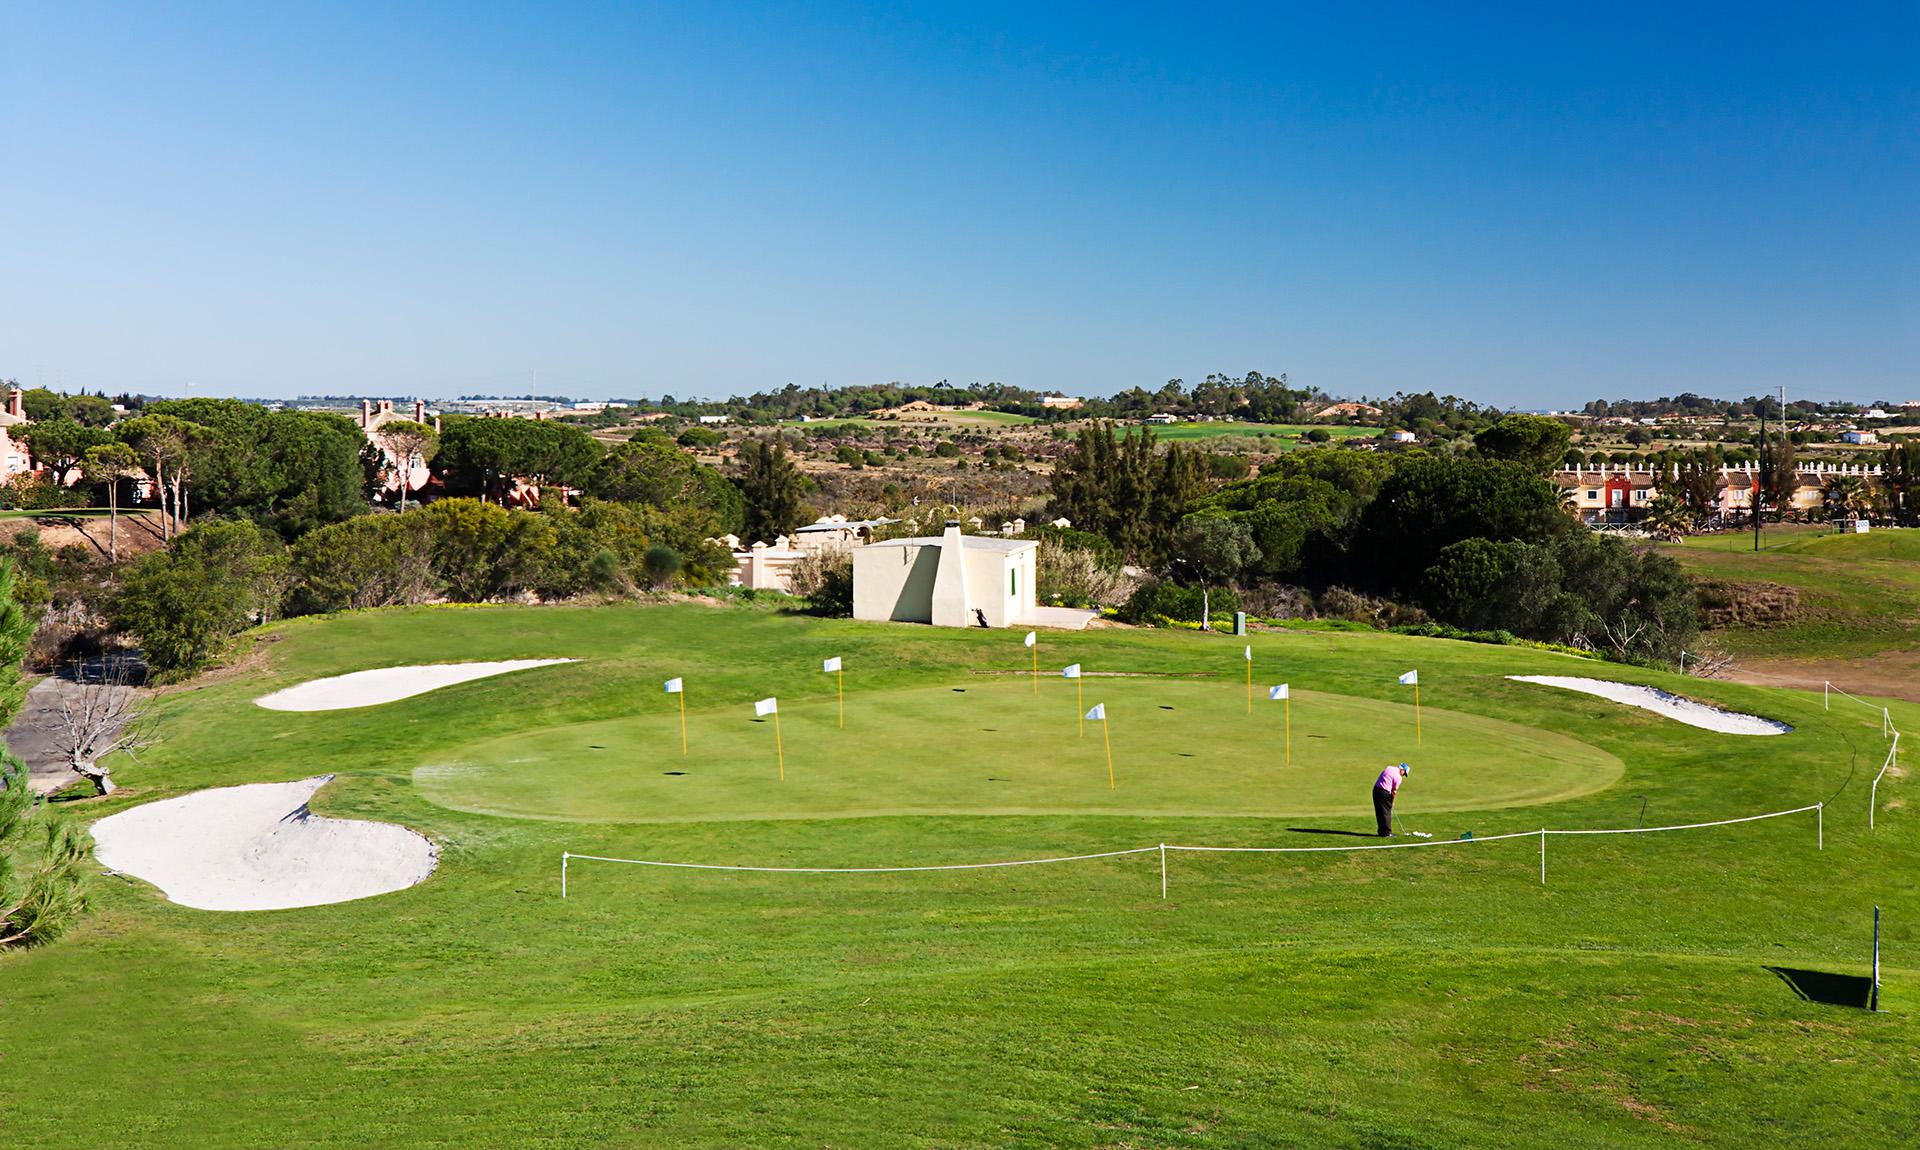 Golfreisen Costa de la Luz - Islantilla Golf Resort. Stolz präsentiert sich der ansprechende Hotelbau des Islantilla Golf Resorts im Herzen des Golfplatzes. Landestypische Elemente verschmelzen gekonnt mit modernem Stil. Das moderne Golfresort empfiehlt sich vor allem passionierten Golfern, die am liebsten von der Bettdecke abschlagen würden...